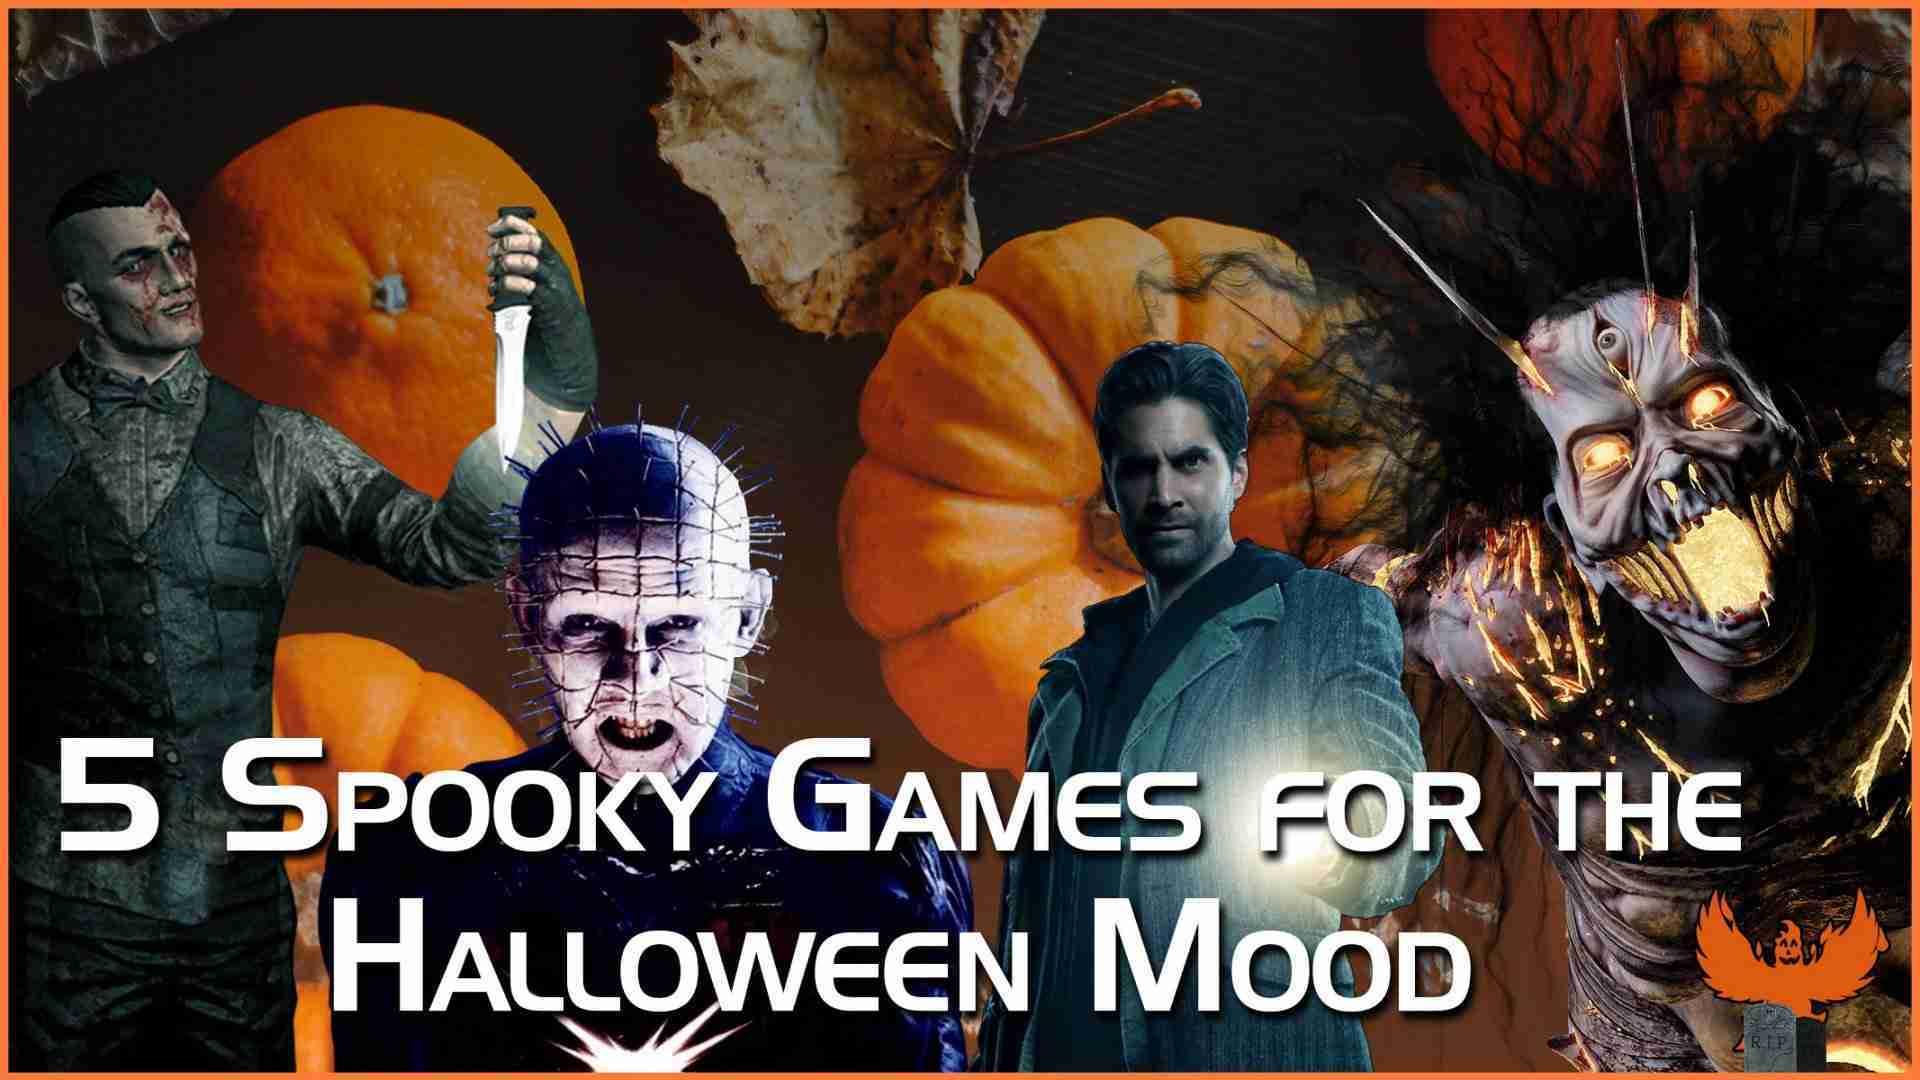 5 Spooky